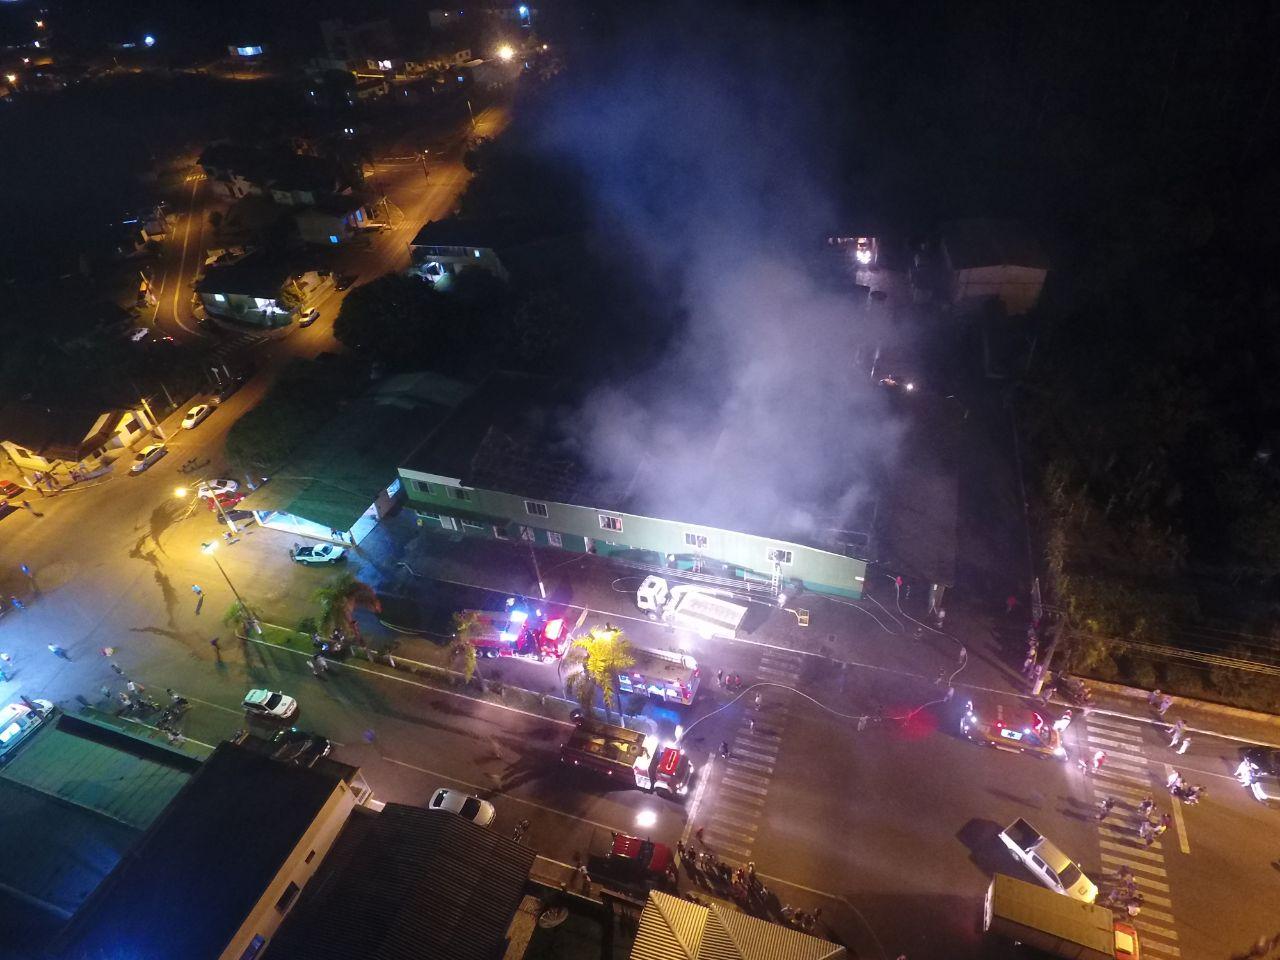 Incêndio consome ervateira no Centro de Vargeão